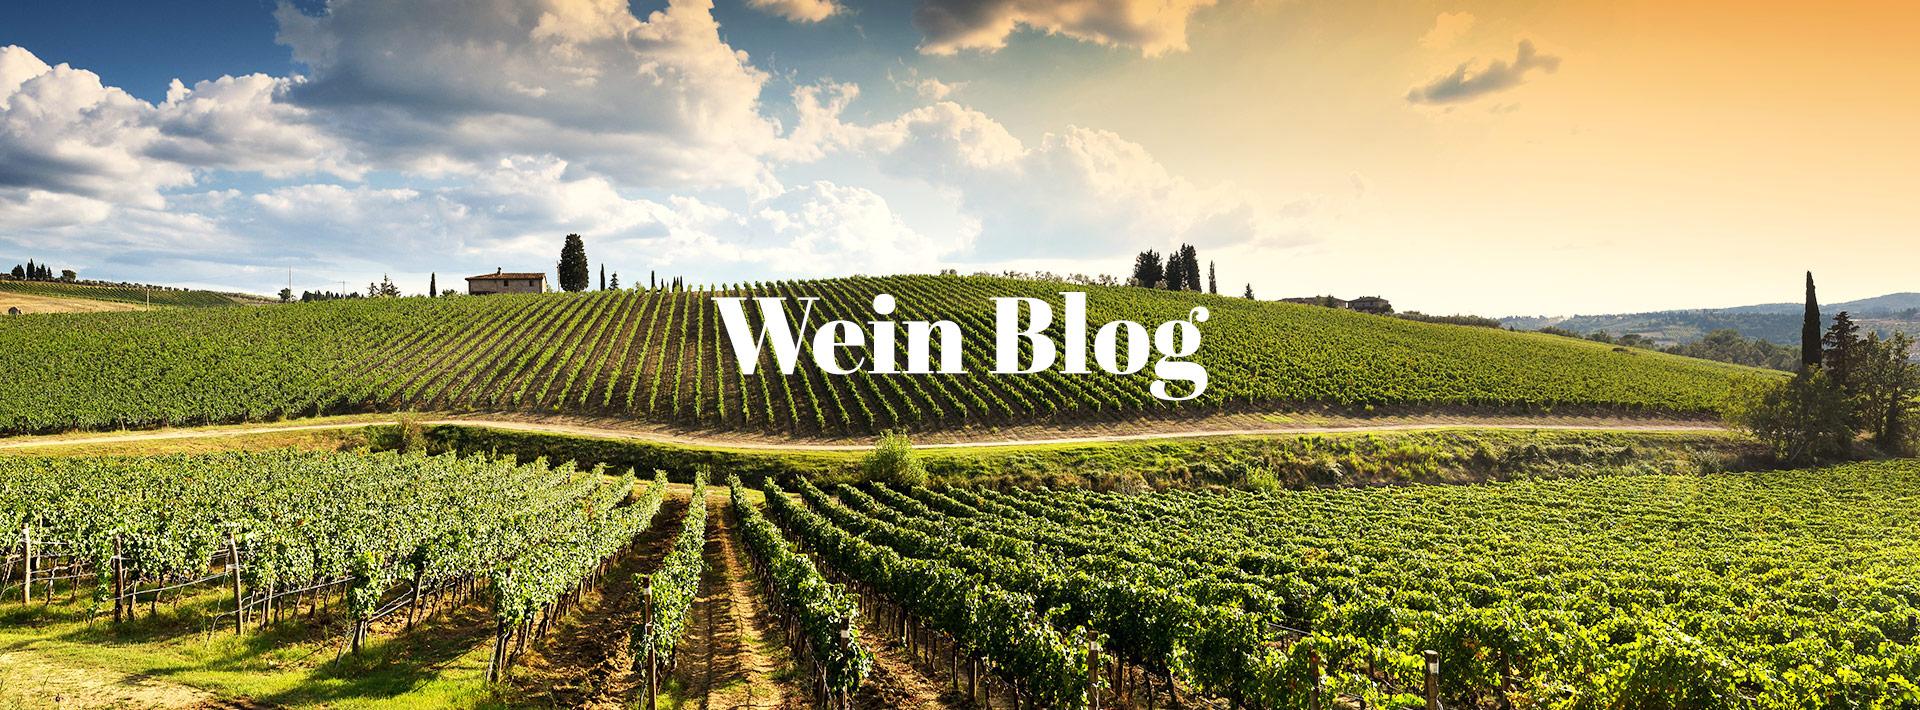 Wein Blog